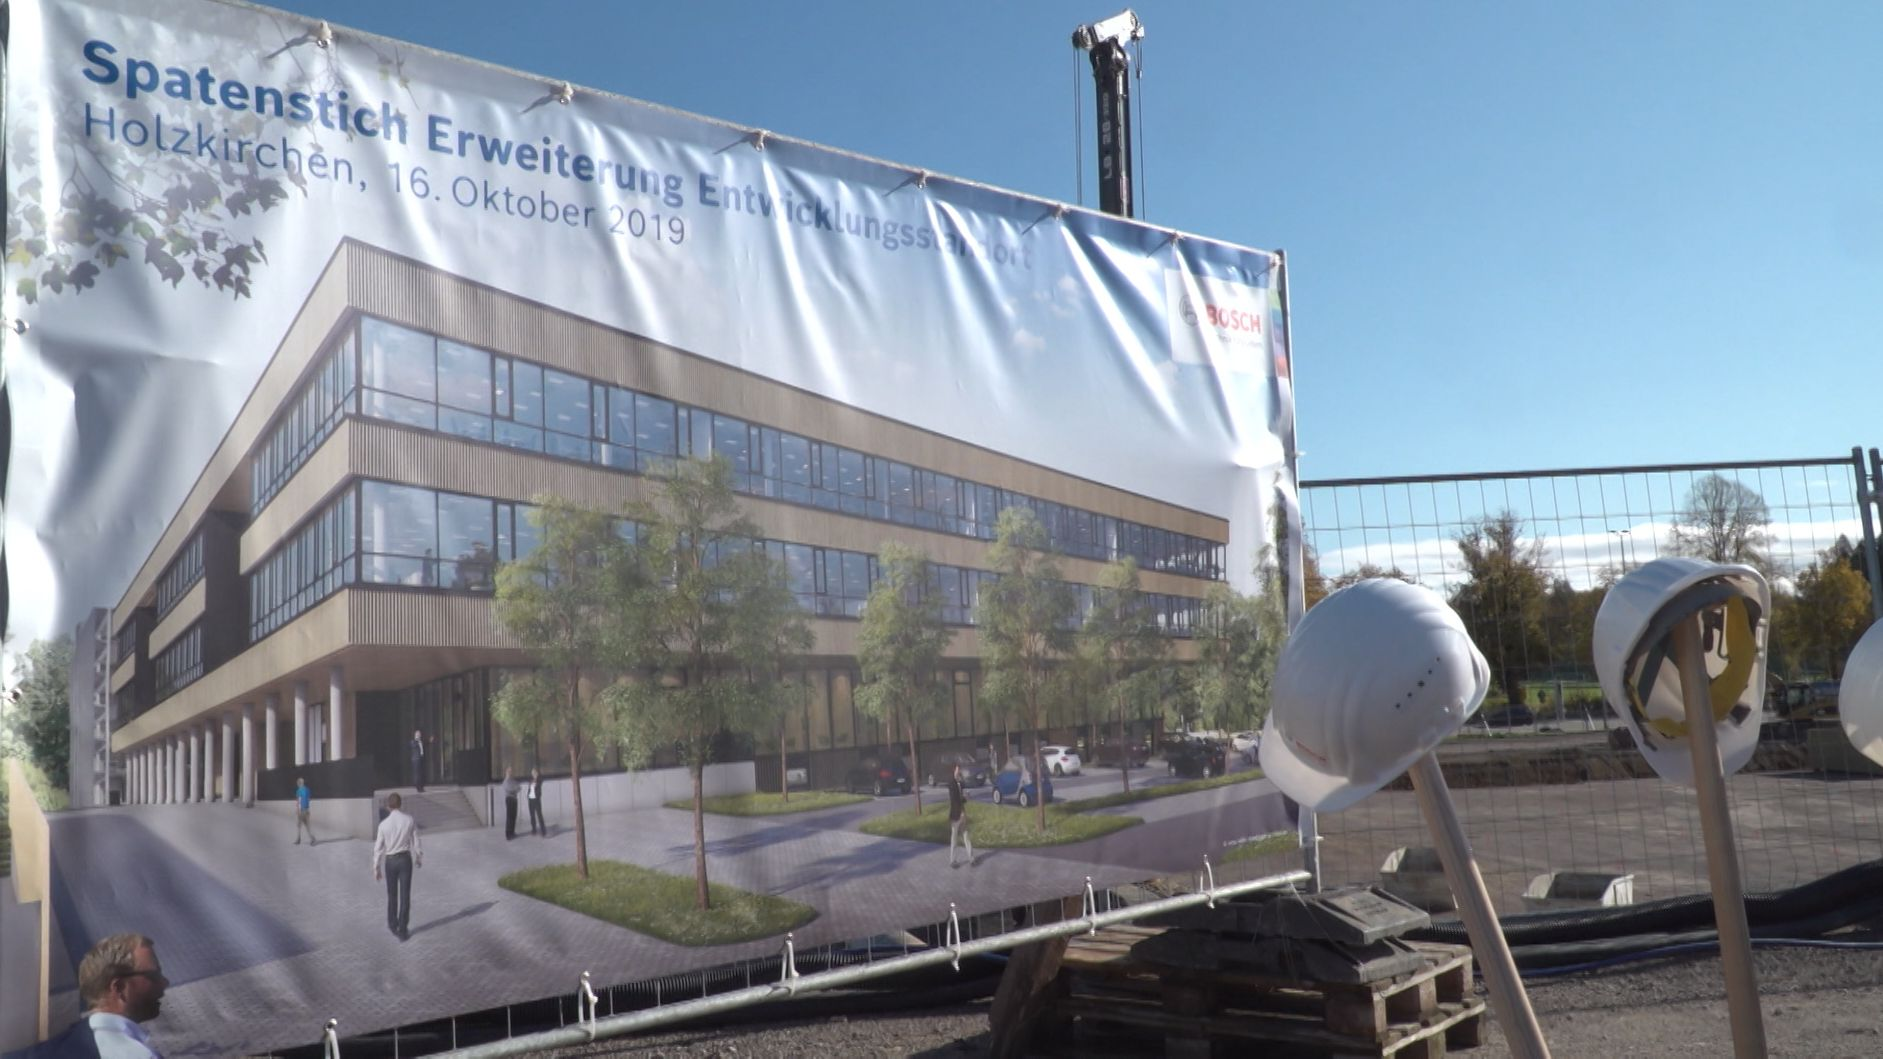 Spatenstich in Holzkirchen: Bosch erweitert seinen Standort